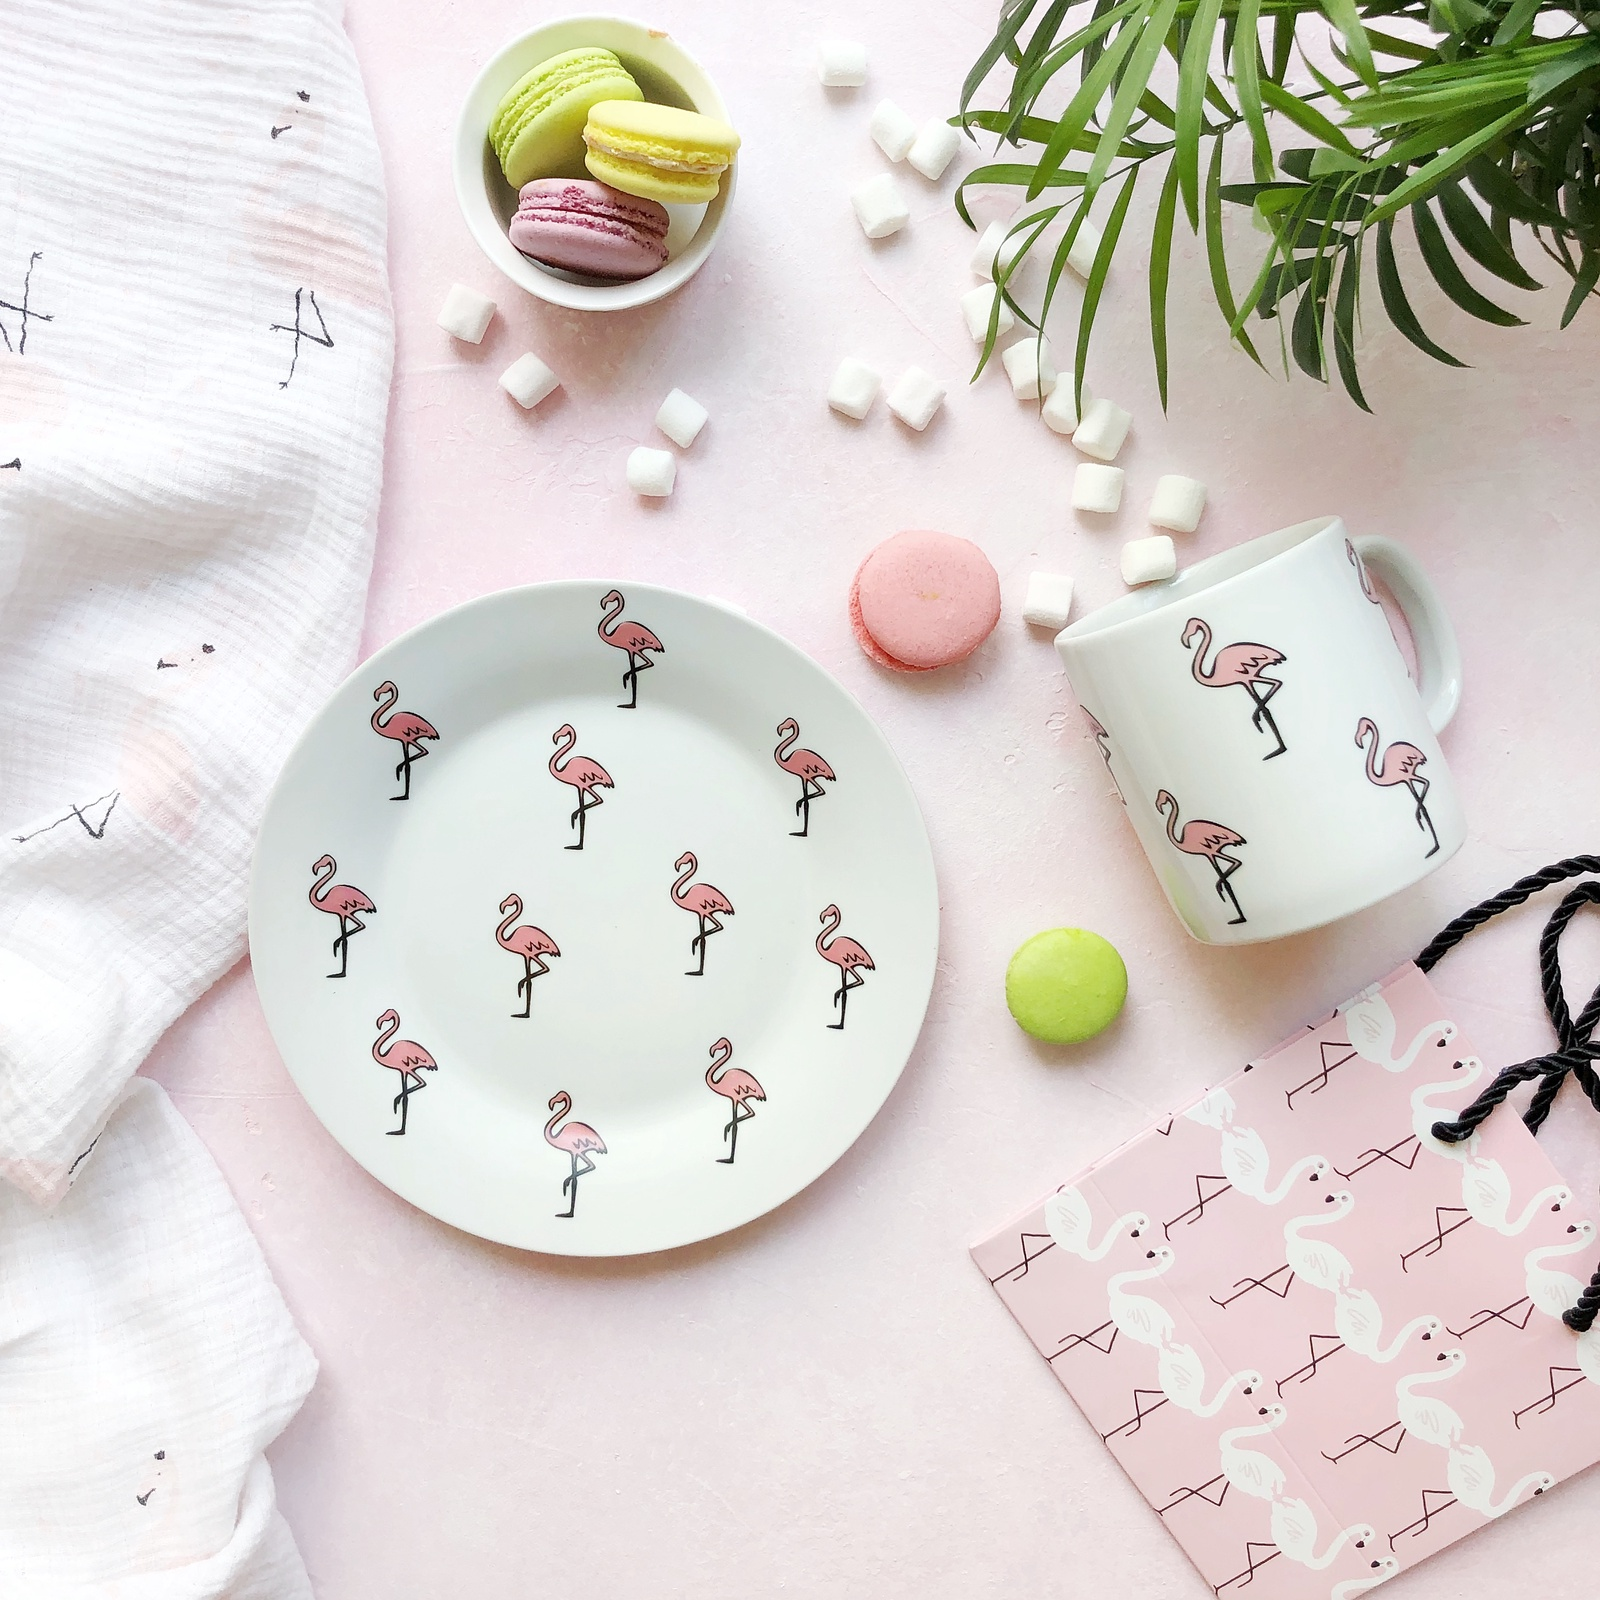 Набор столовой посуды Сотвори Чудо Набор посуды Розовый фламинго (2 в 1: кружка+тарелка), белый тарелка мелкая сотвори чудо розовый фламинго диаметр 20 см